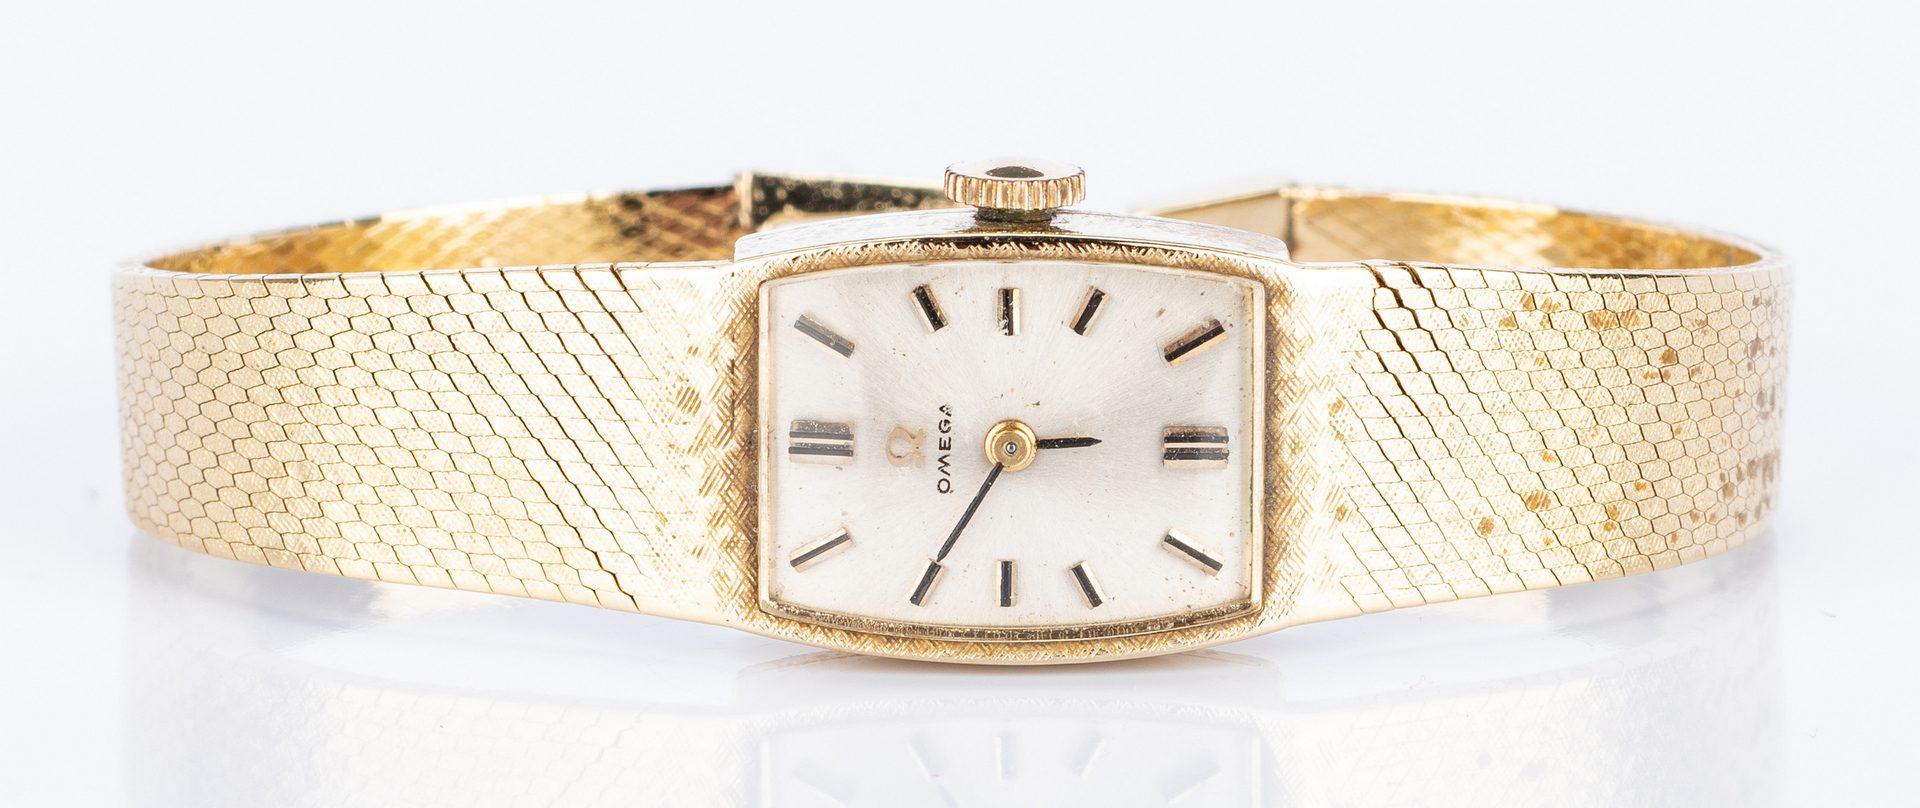 Lot 45: 14K Items: 2 Circle Pins & Omega Watch